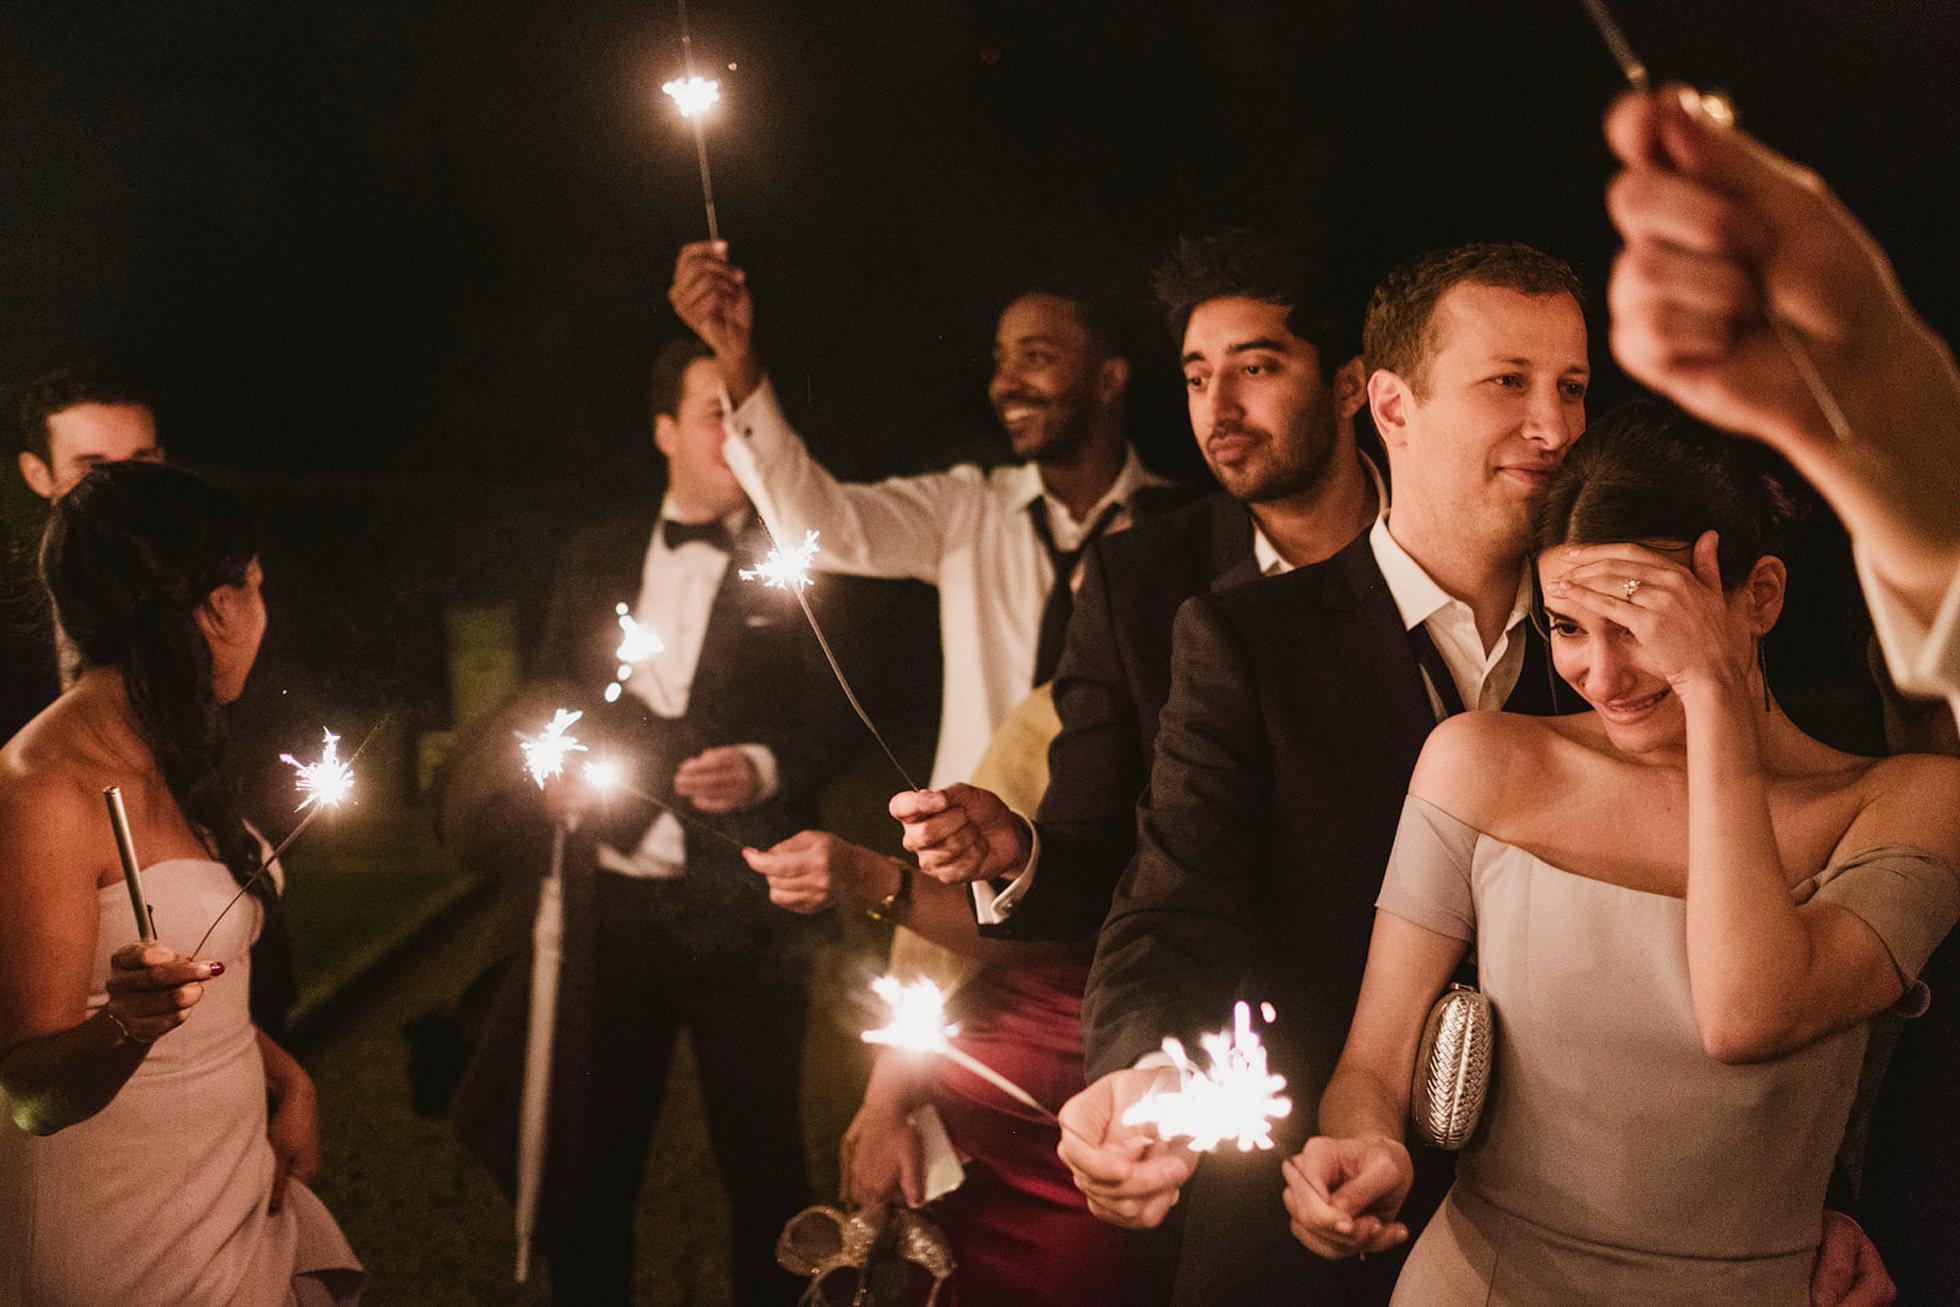 Buckinghamshire Hedsor House wedding photographers